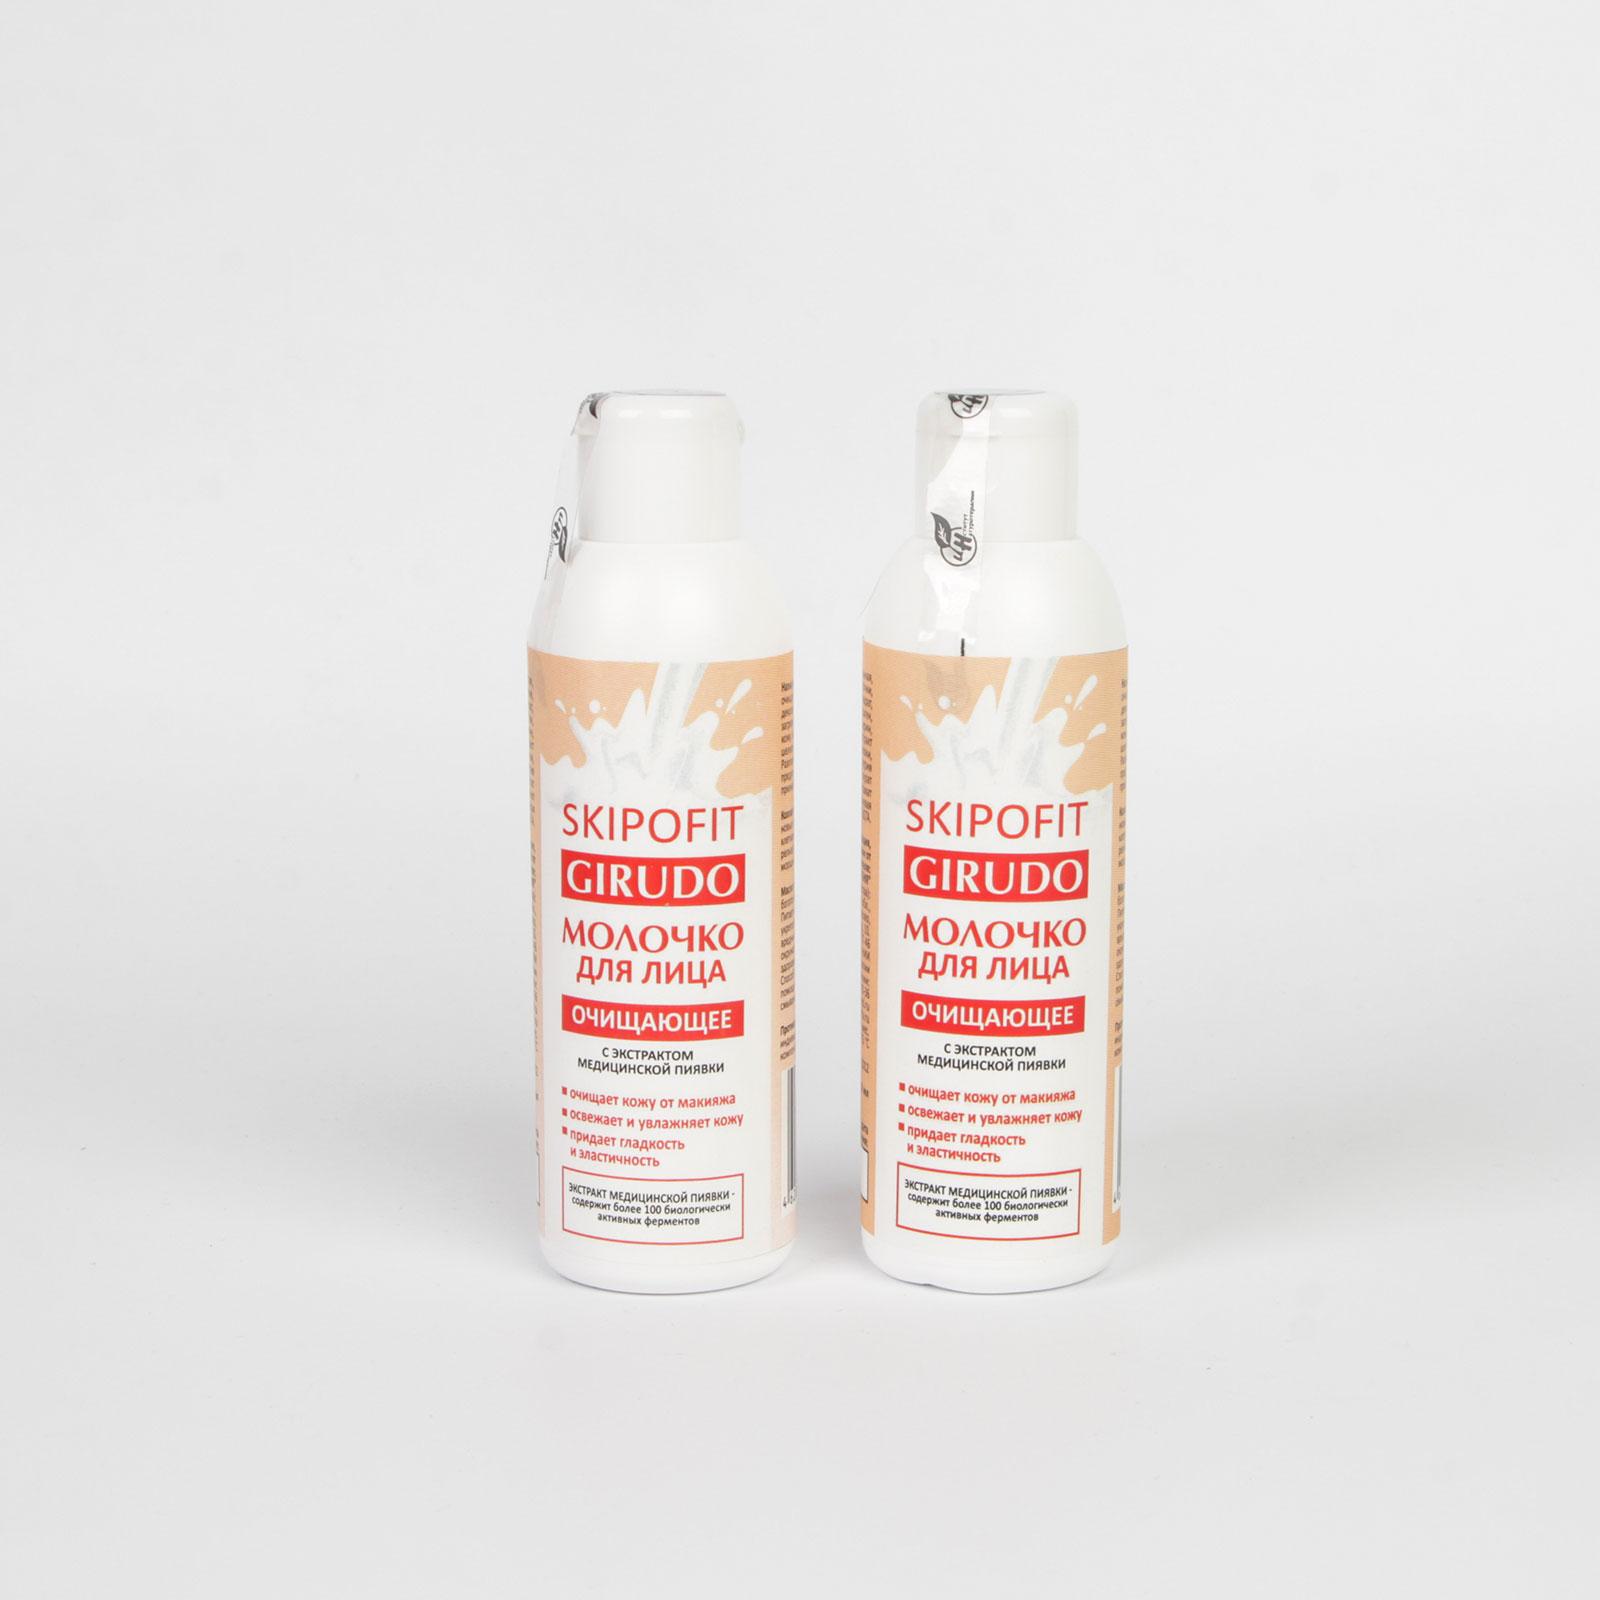 Молочко для лица с экстрактом медицинской пиявки, 2 шт.